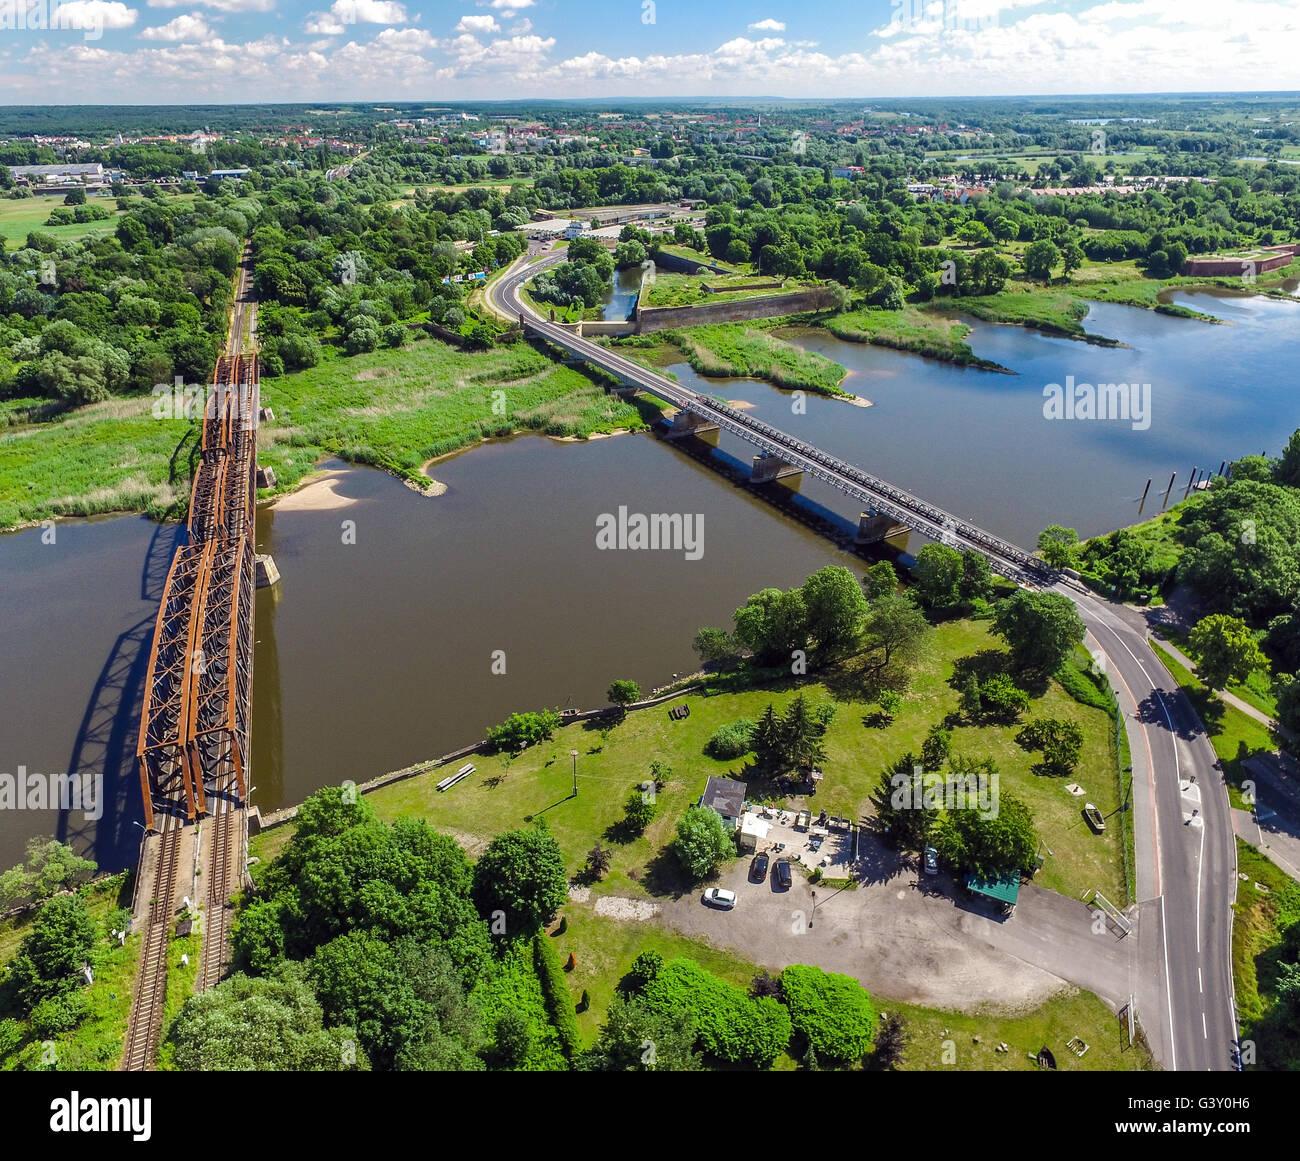 Kuestrin, Alemania. 16 de junio de 2016. Vista sobre el río Oder en el puente del ferrocarril (l) y el puente Imagen De Stock